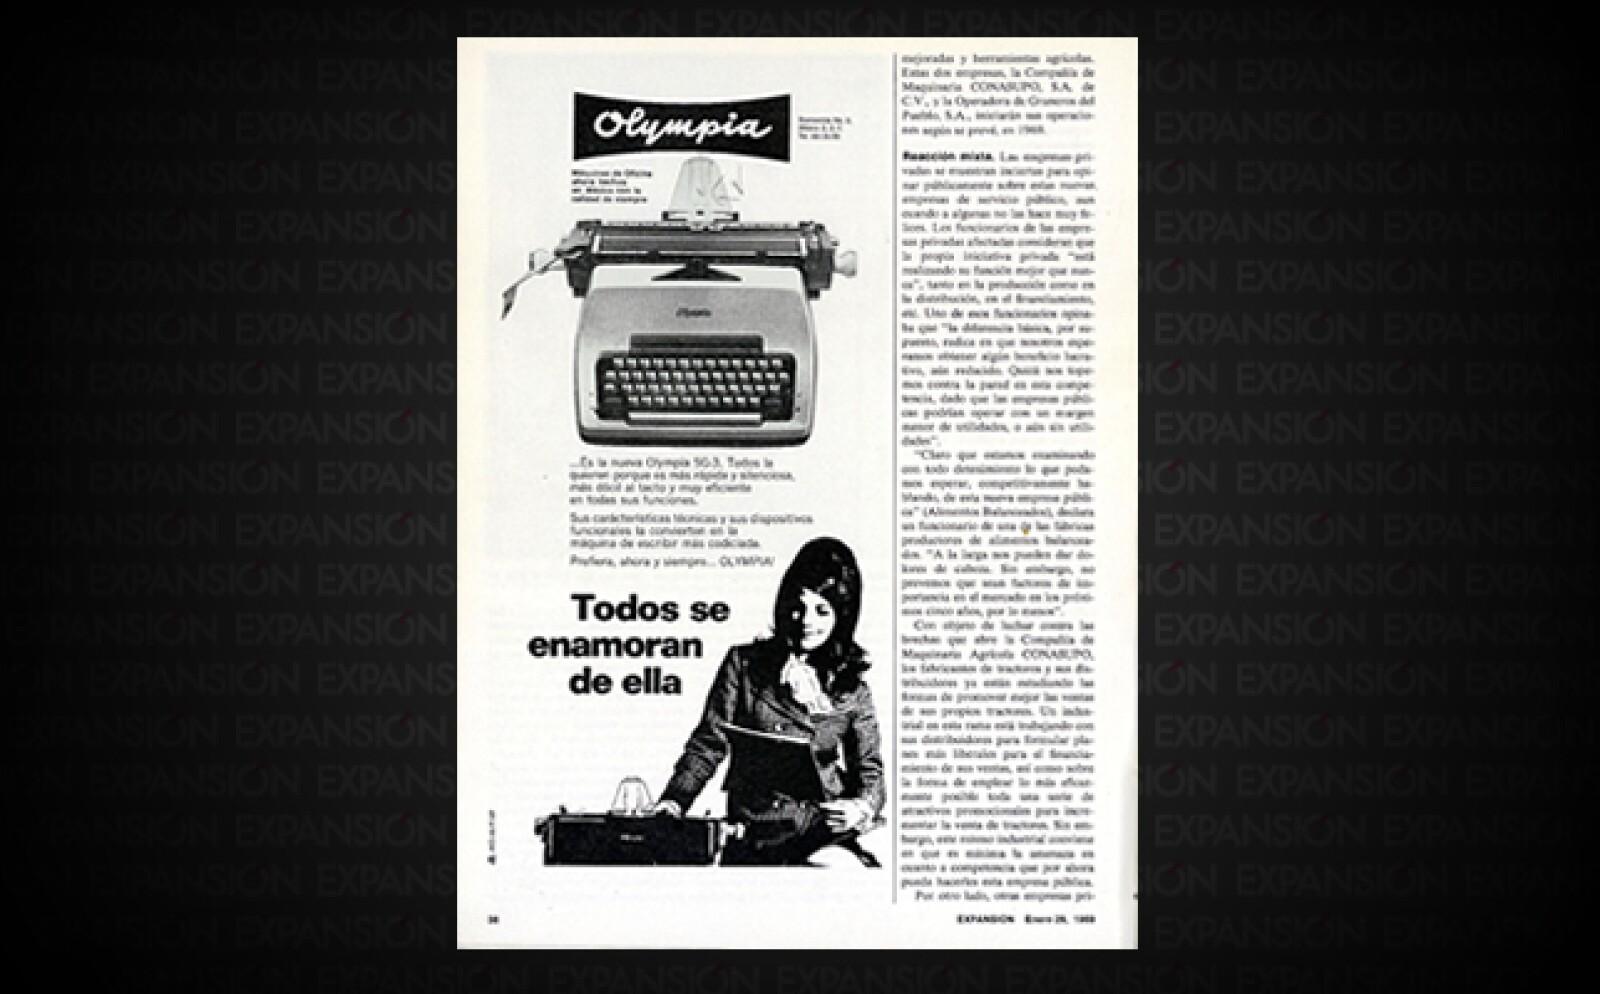 Olympia era una de las marcas líderes en máquinas de escribir en aquellos años.